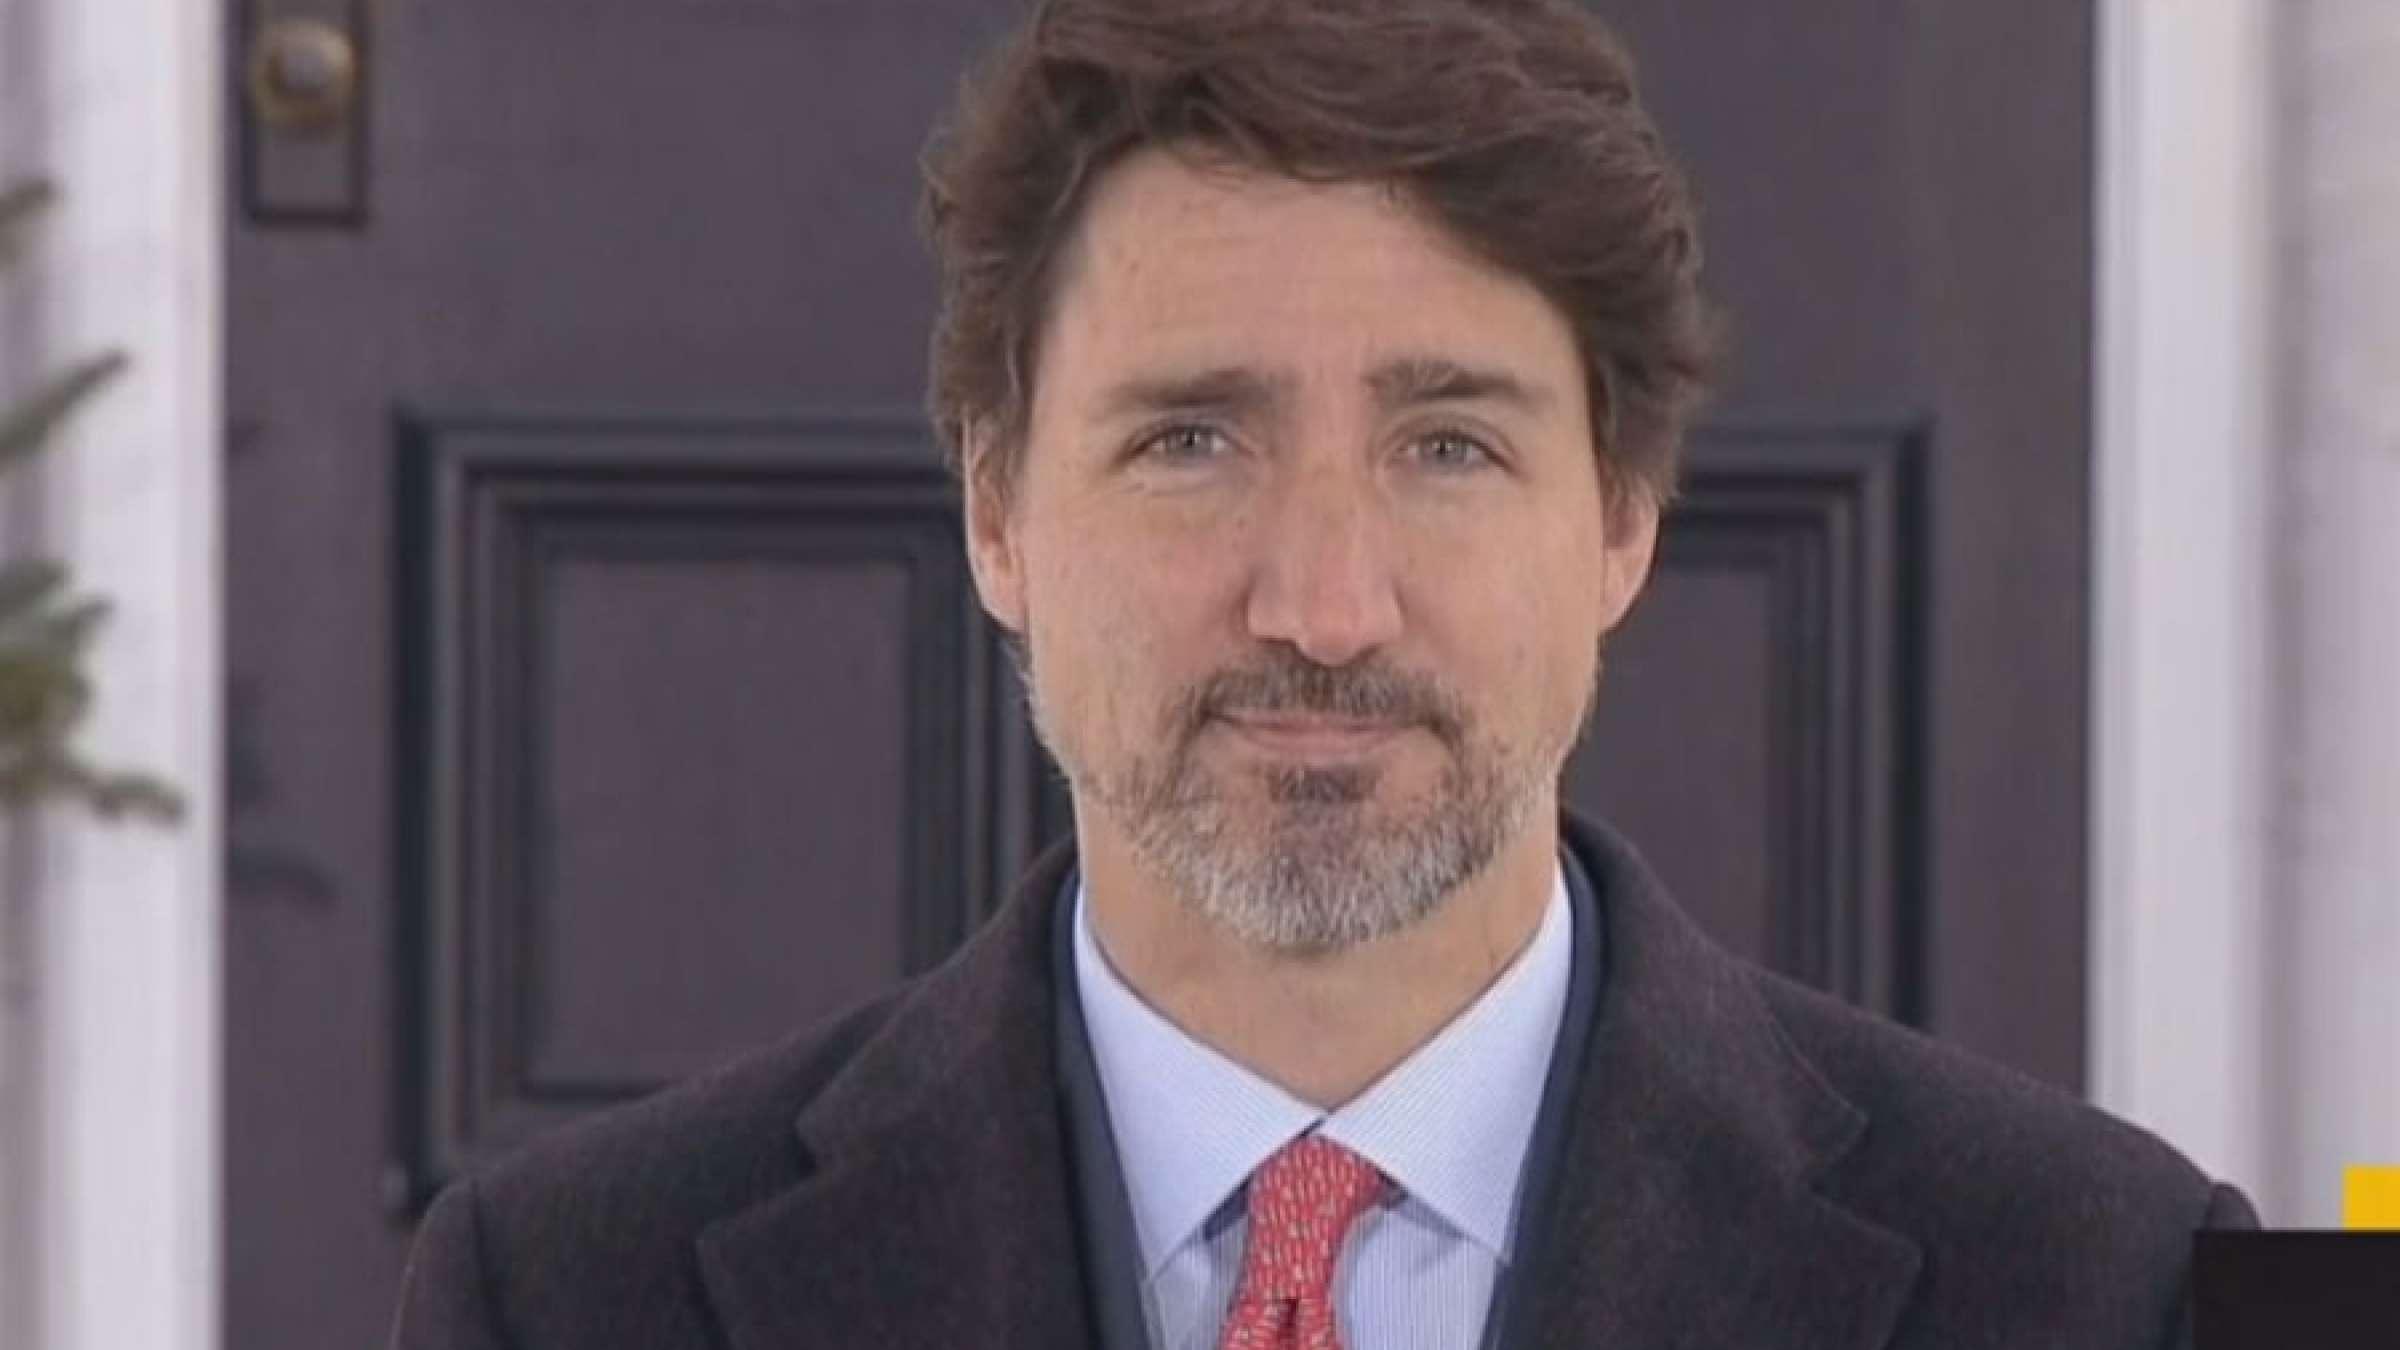 اخبار-کانادا-ترودو-از-6-اپریل-به-آنهایی-که-از-کرونا-صدمه-دیده-اند-2000-دلار-برای-4-ماه-می-دهیم